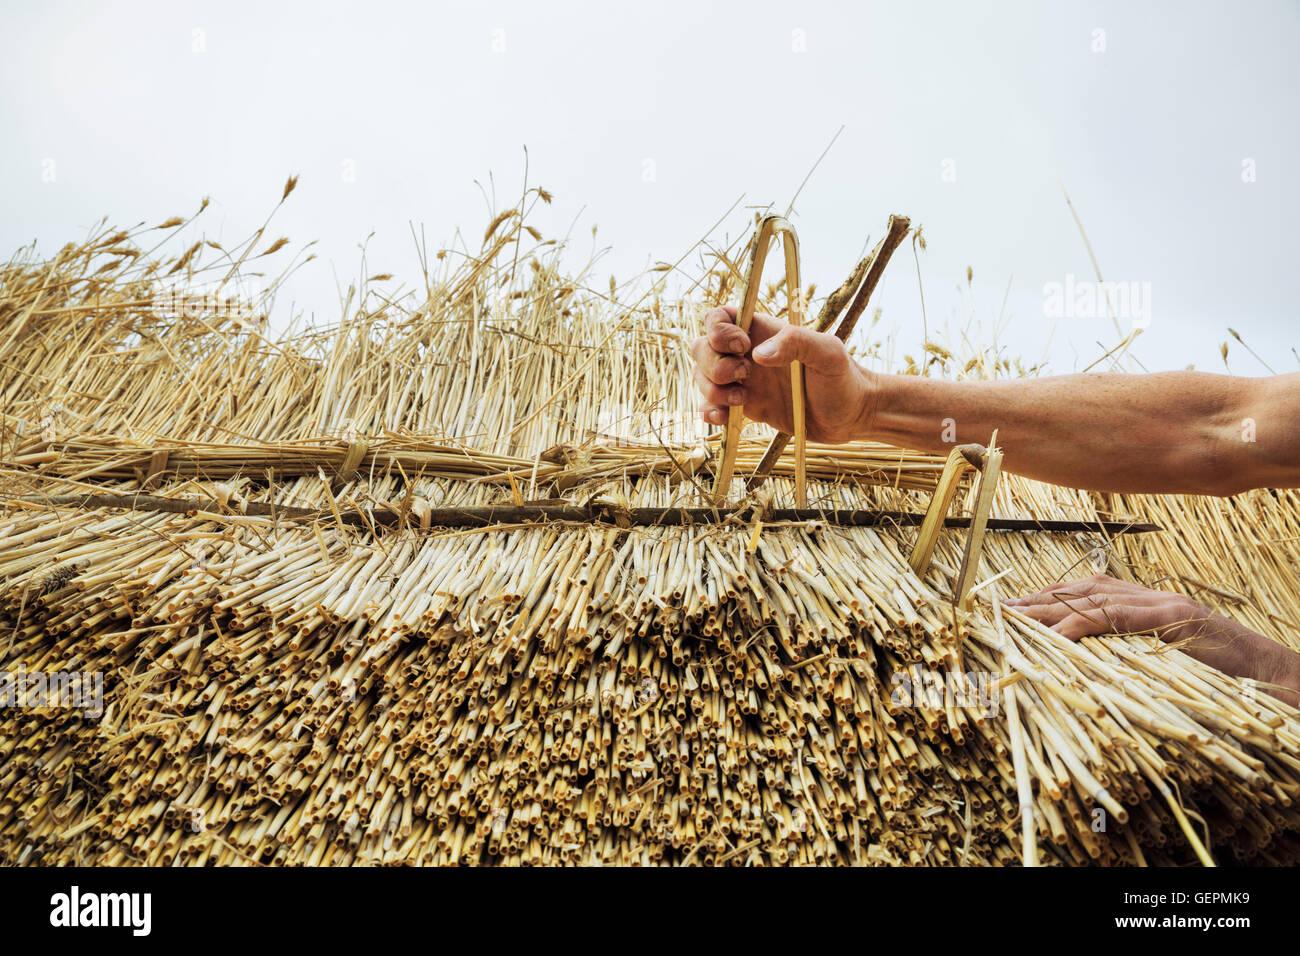 Mann thatching Dach, Einfügen von Hasel Holz Holme, um das Stroh zu befestigen. Stockbild